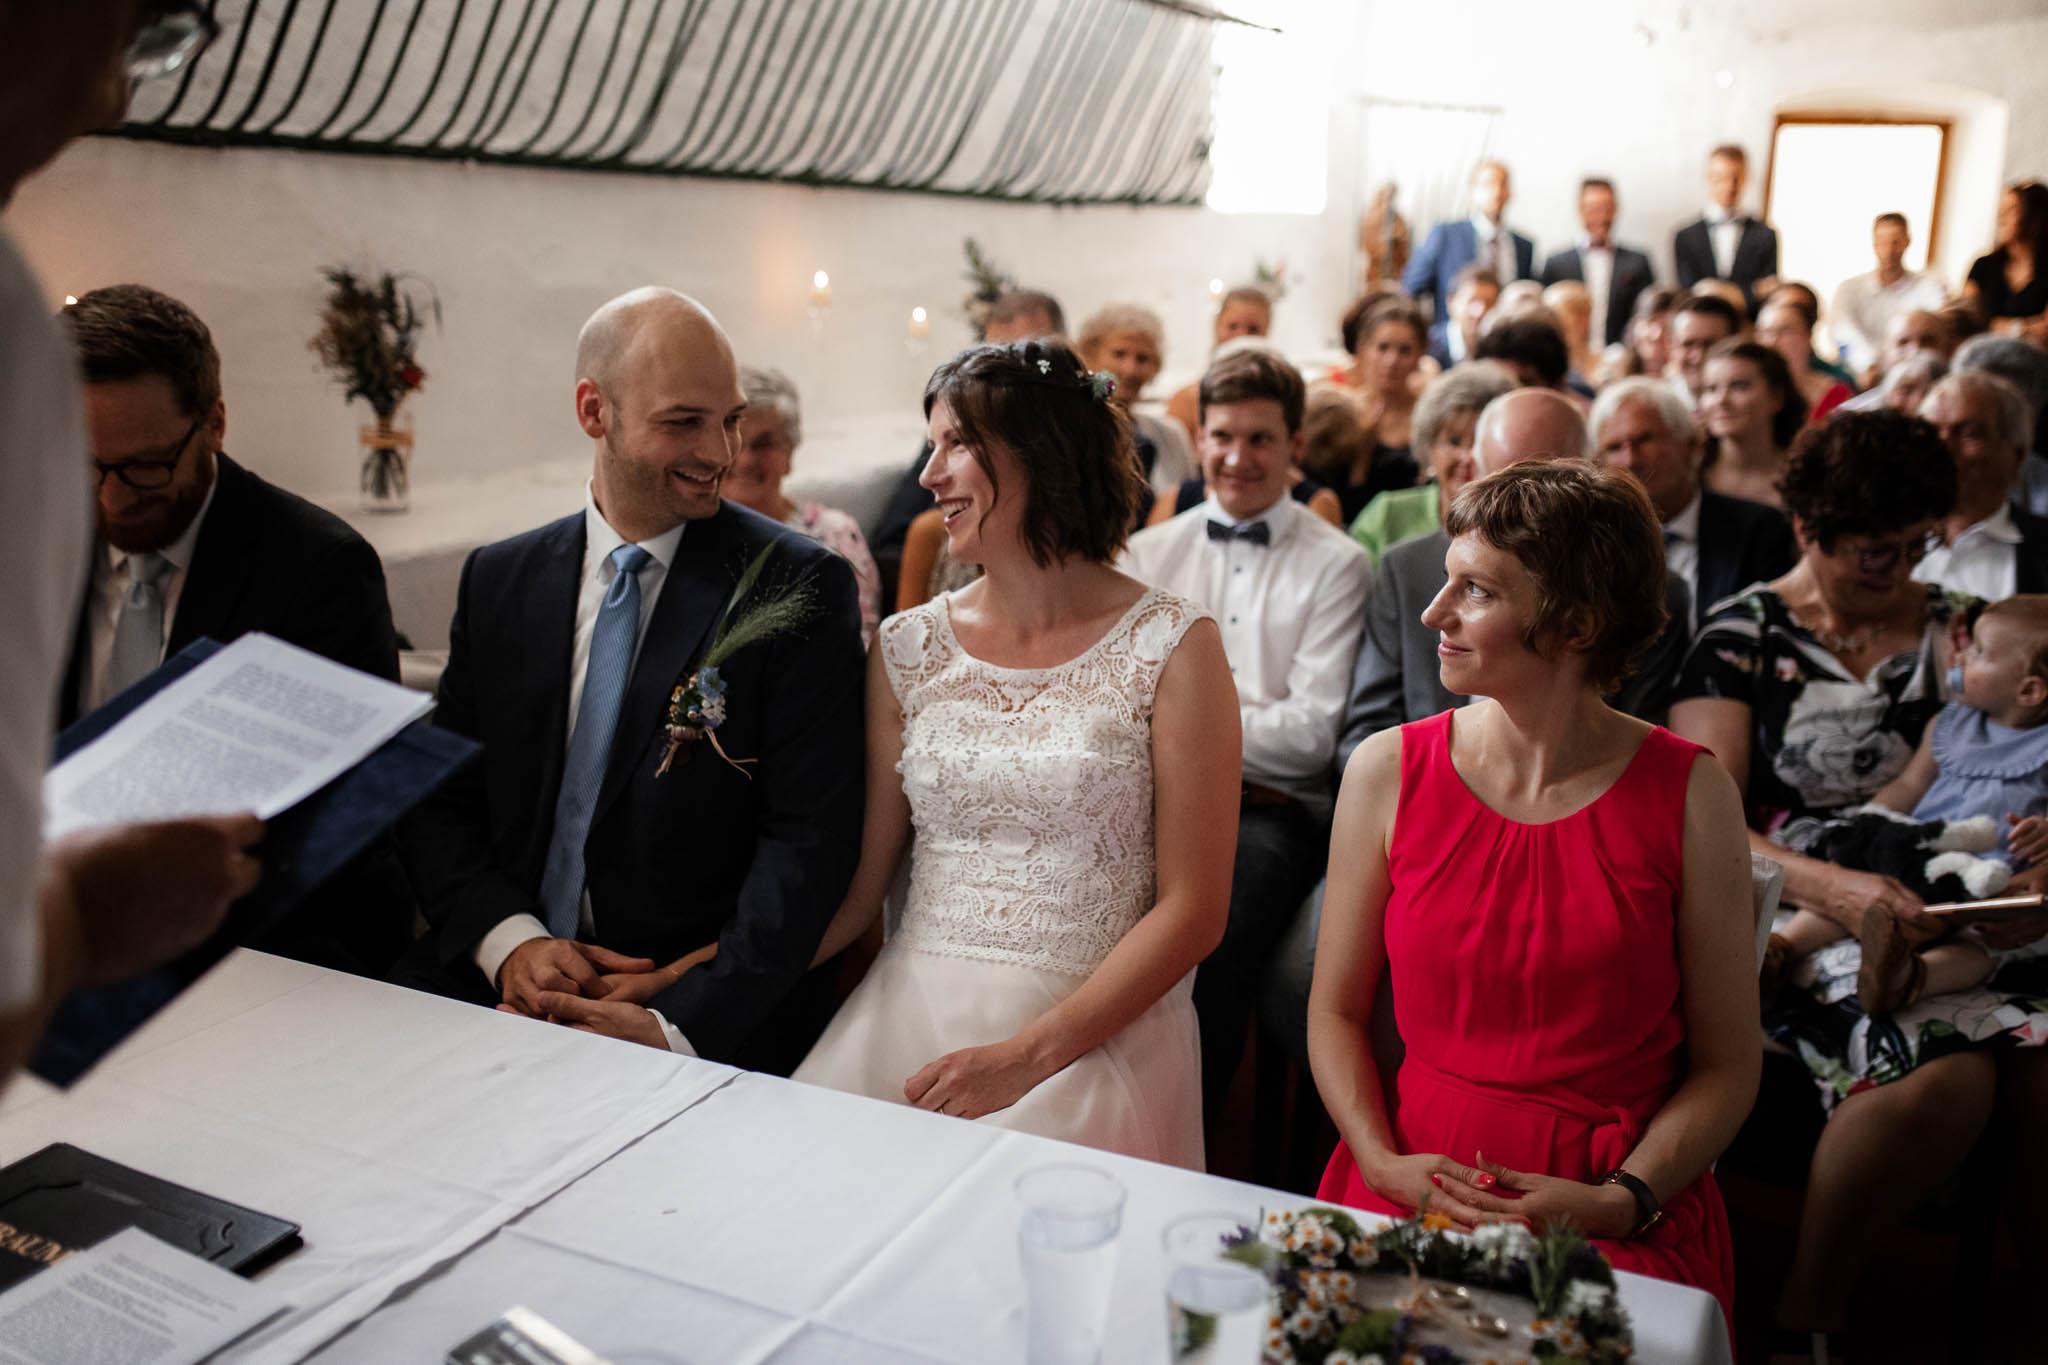 Hochzeitsfotograf Guntersblum, Domhof - Hochzeit von Ina & Johannes 18